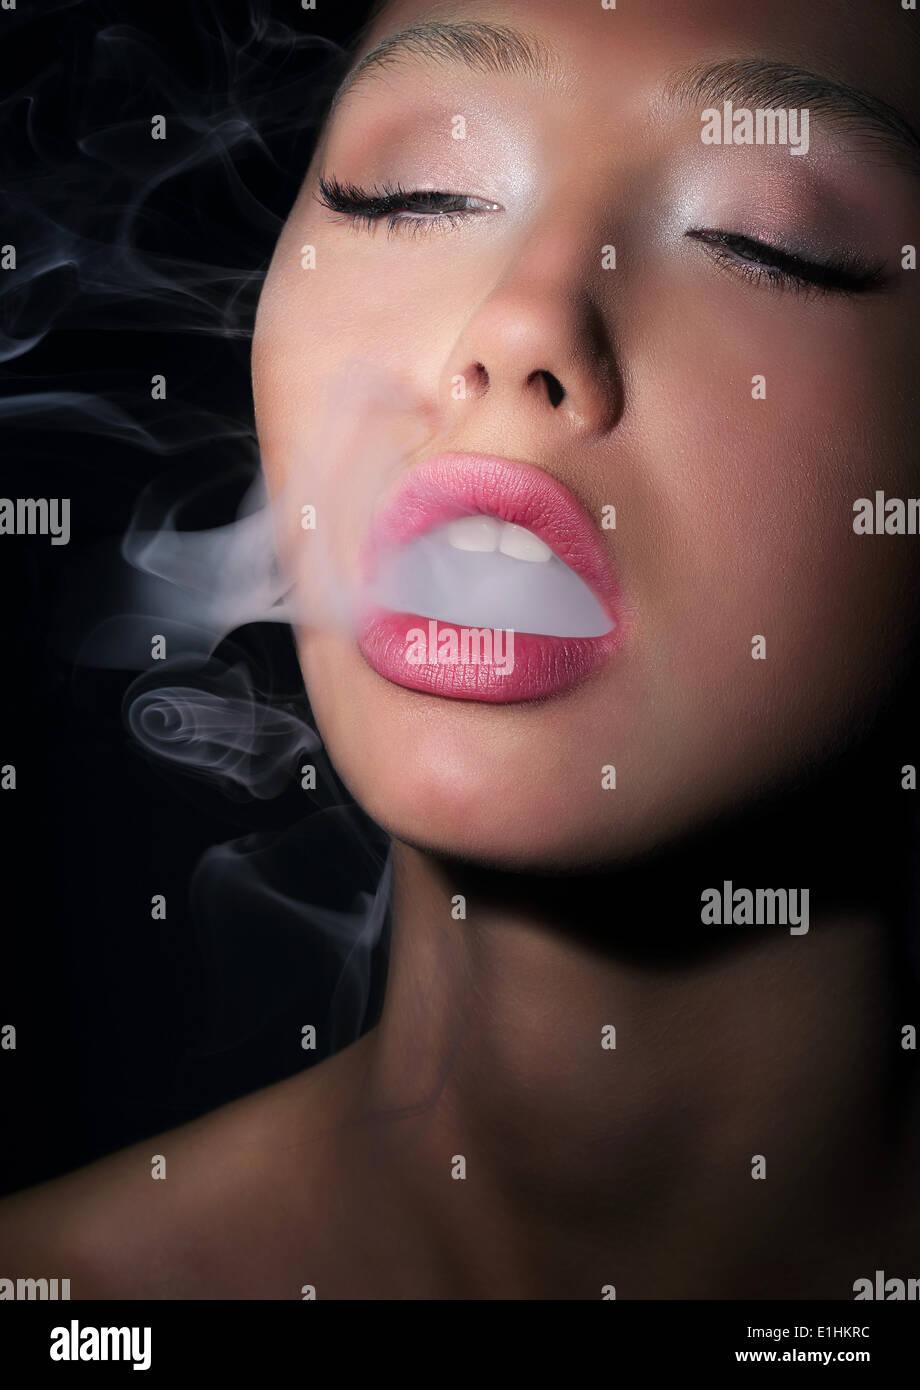 La dépendance. La dépendance. Femme fumeur de cigarettes fumée exhale Photo Stock